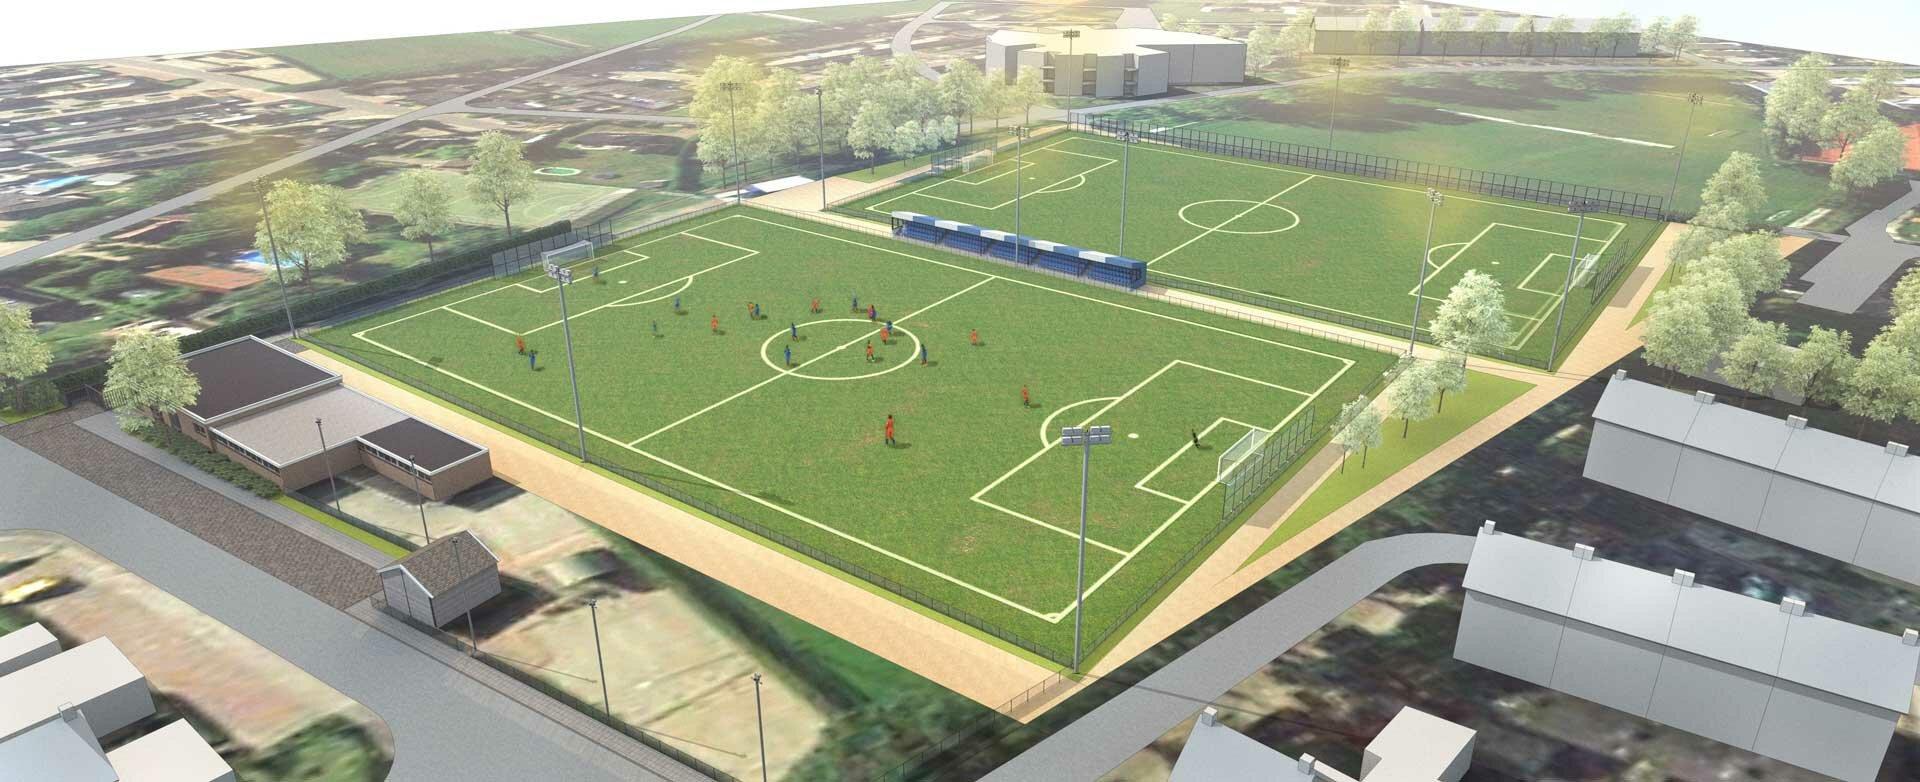 De-Poel-Nieuwbouw-Angeren-voetbalvelden-01